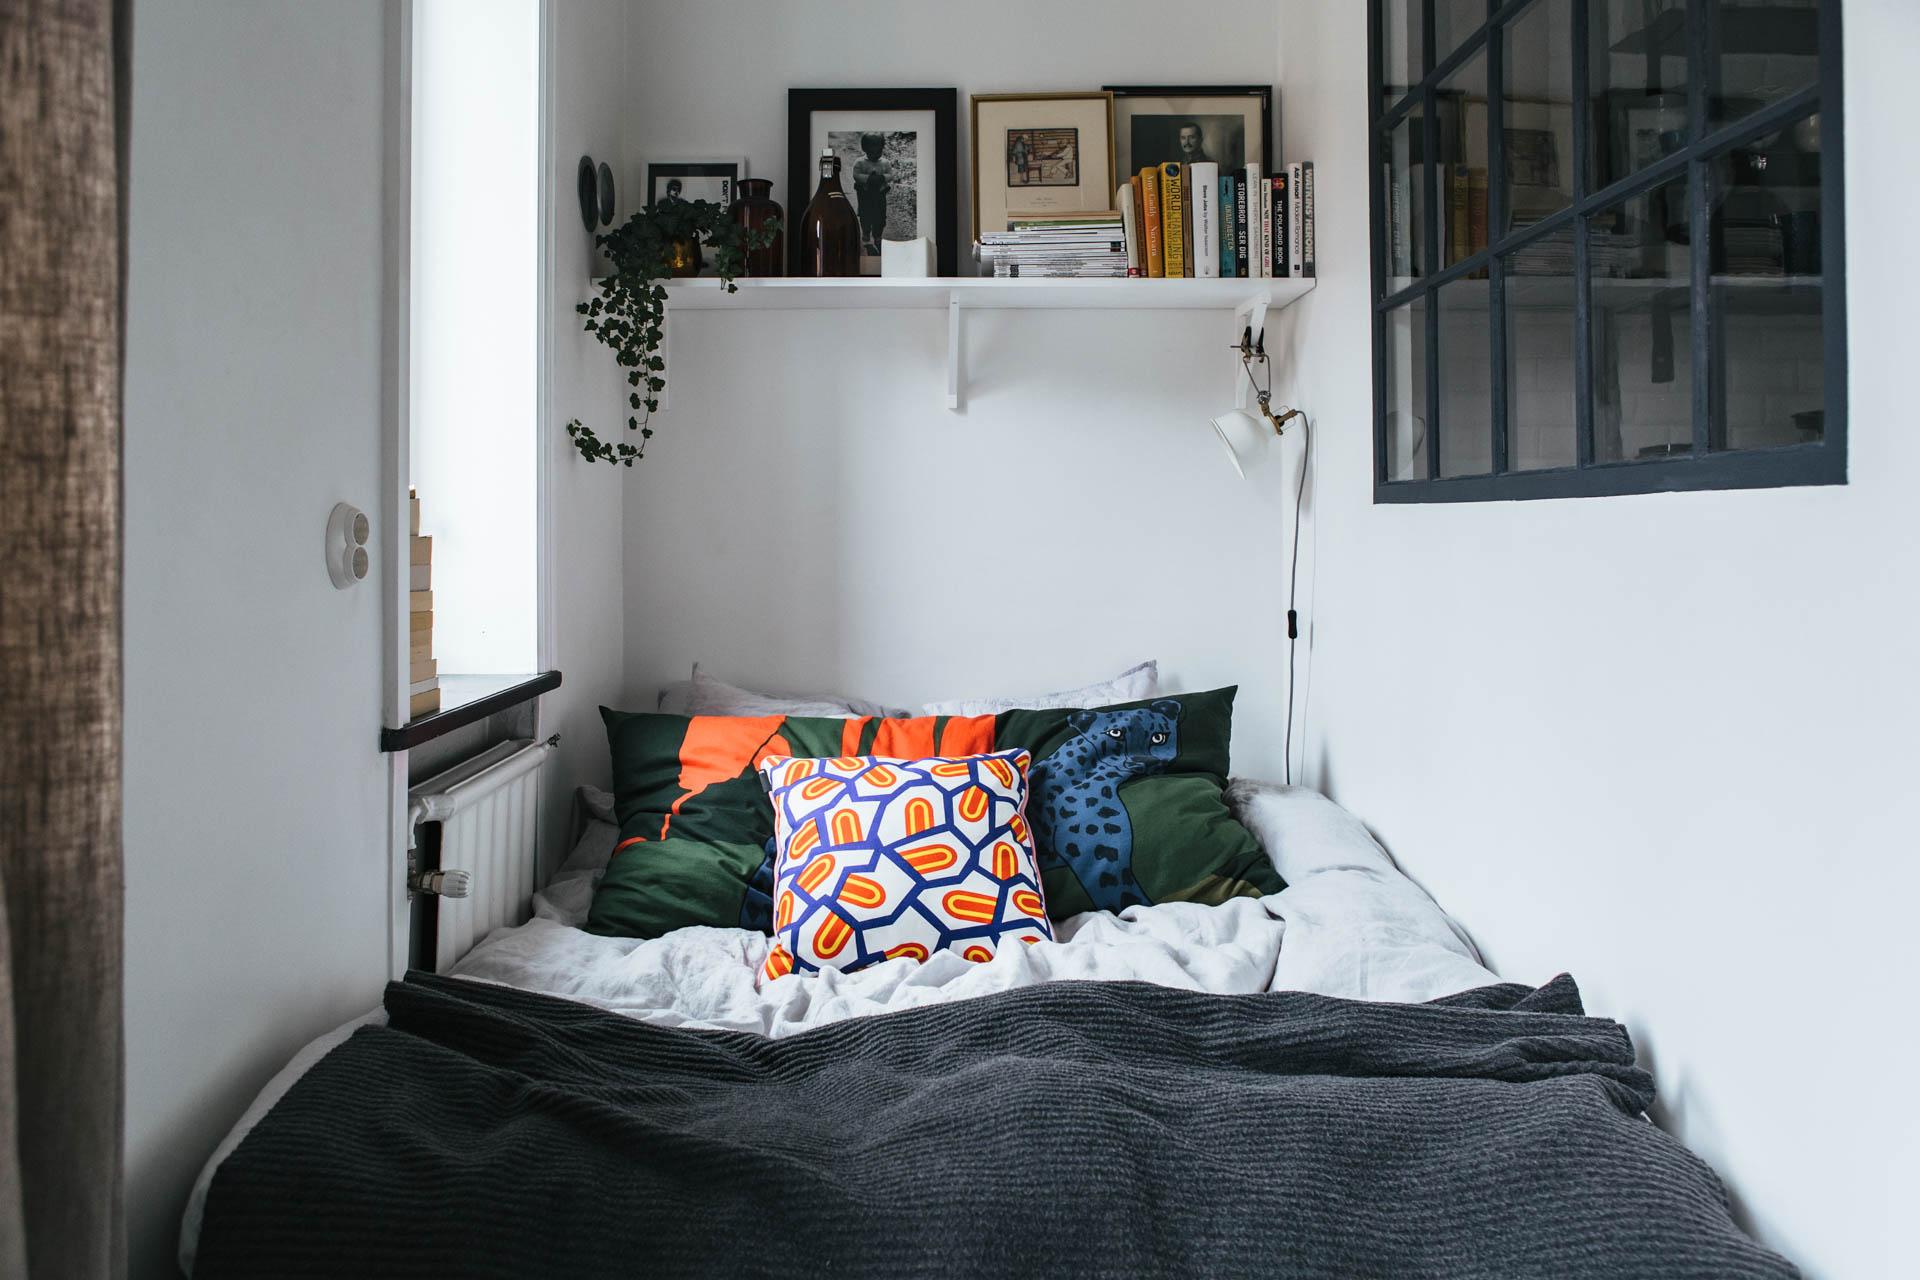 Kleine slaapkamer inspiratie homease - Slaapkamer idee ...